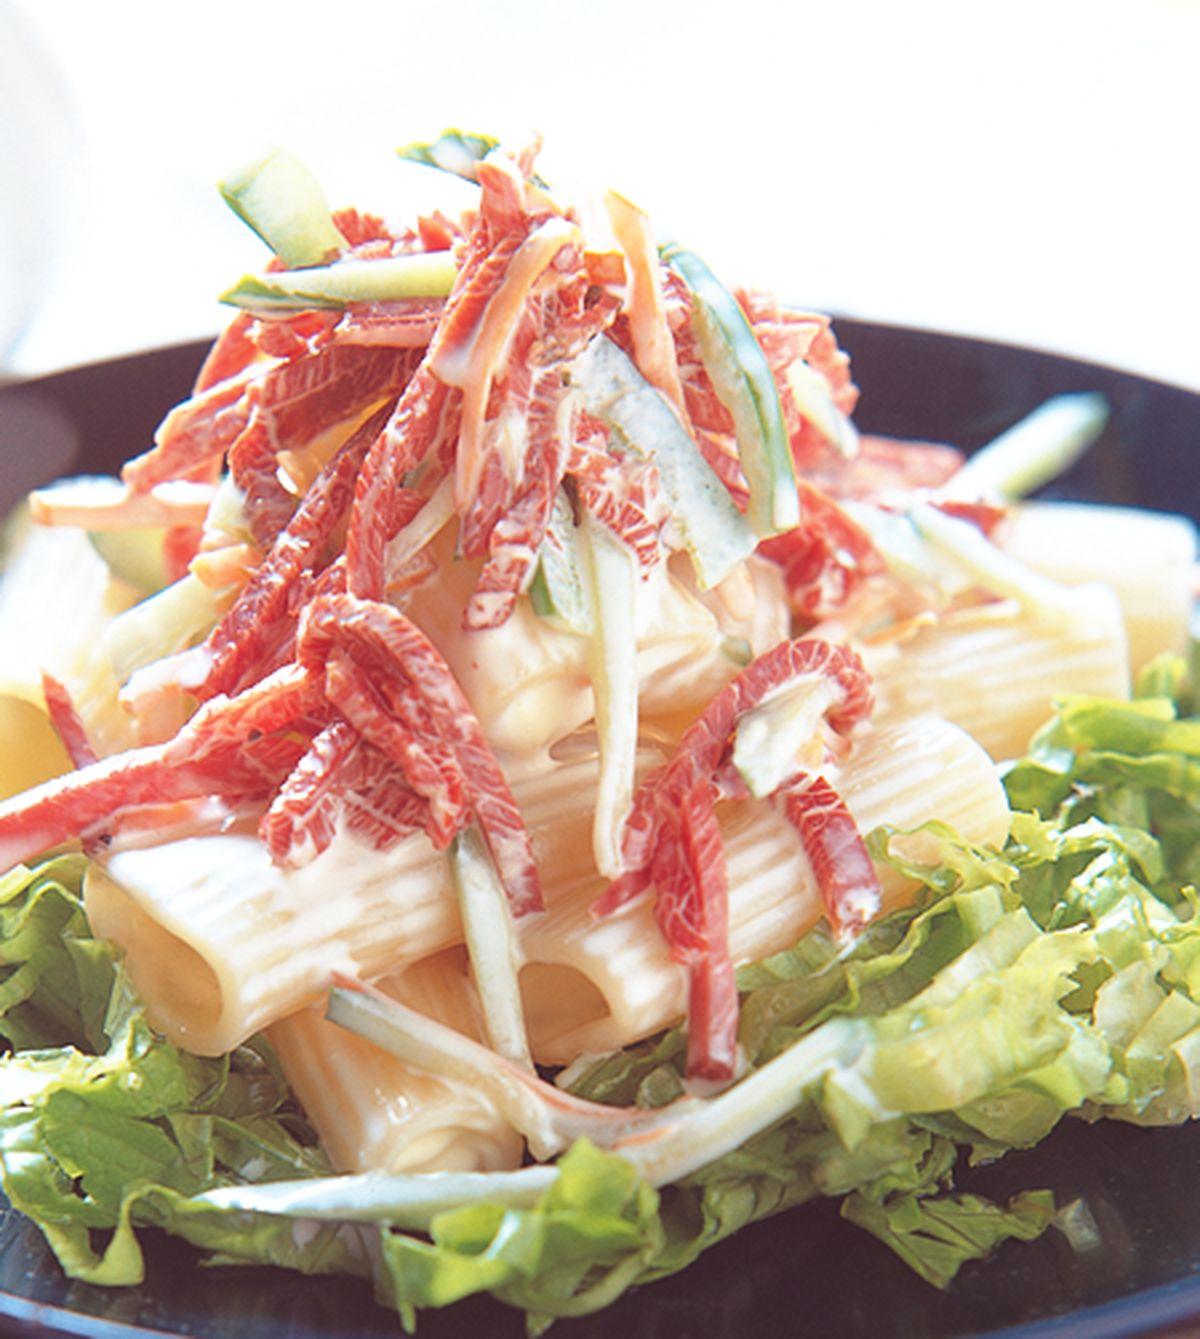 食譜:翠綠火腿沙拉水管麵